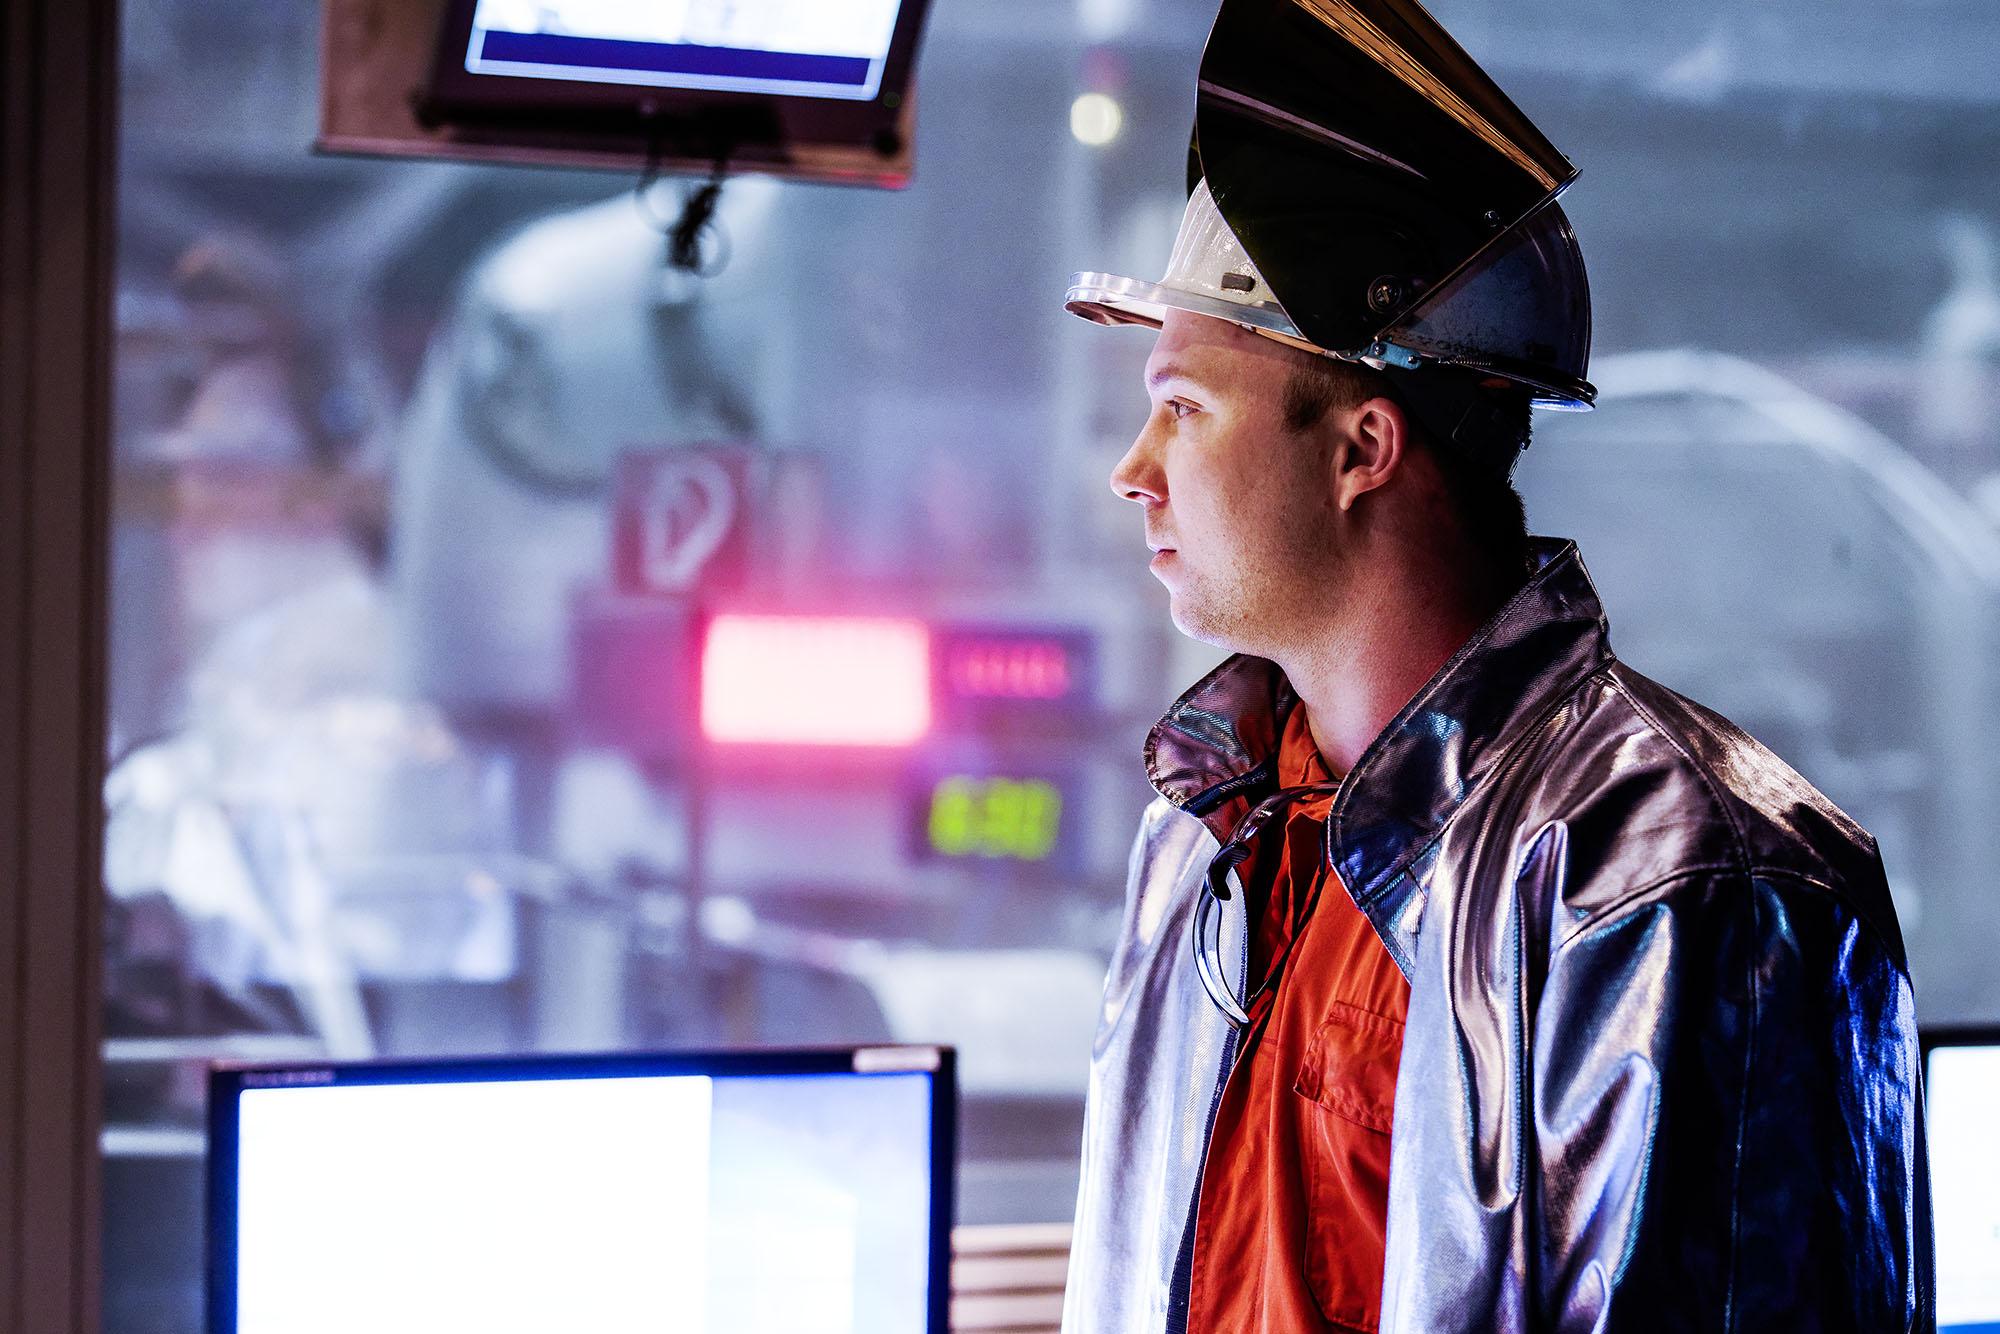 wolfram-schroll_Industriefotografie_vdm19_04